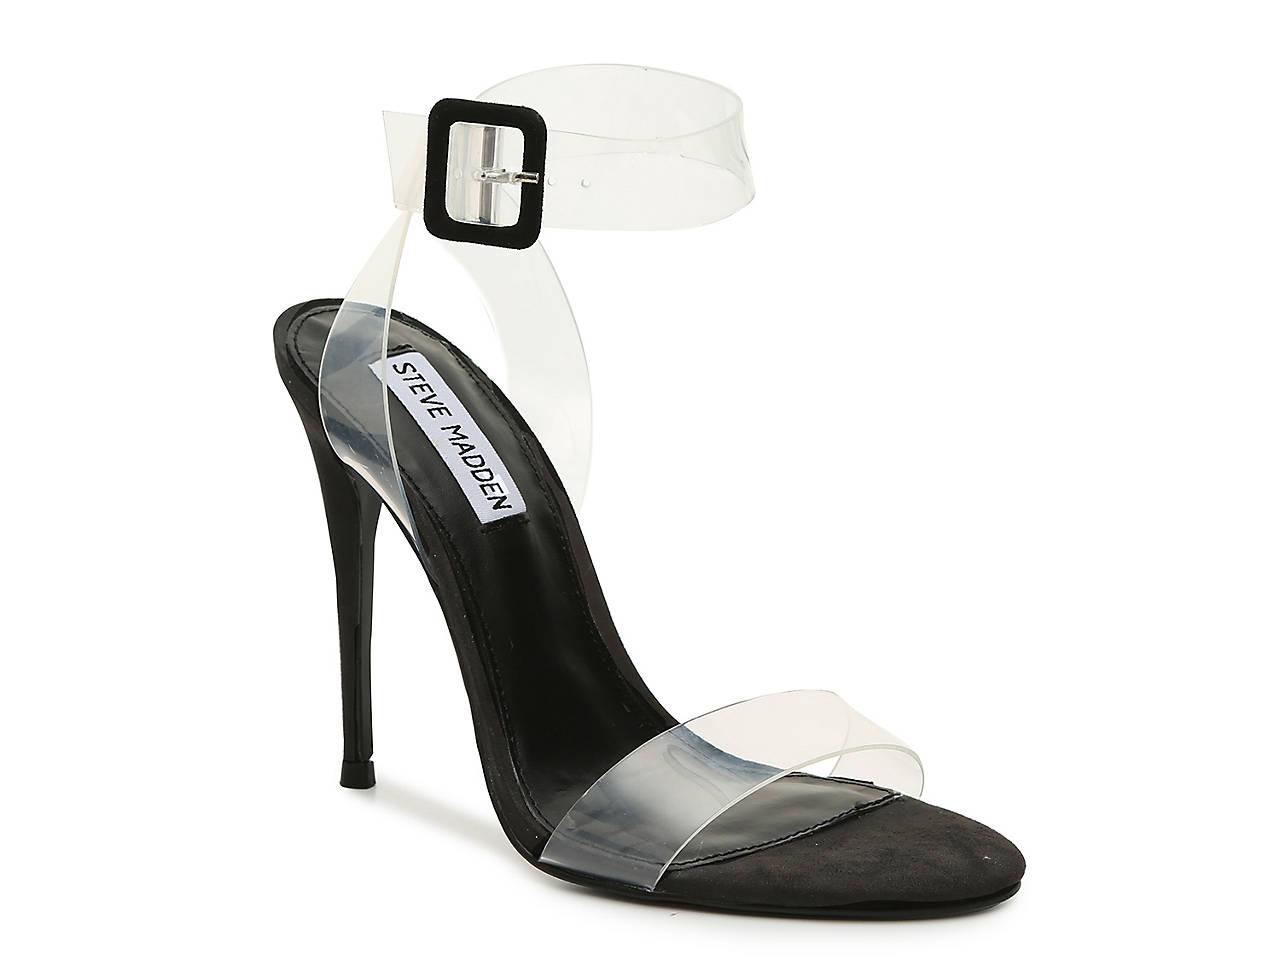 21111425e9a4d7 Steve Madden Seeme Sandal Women s Shoes